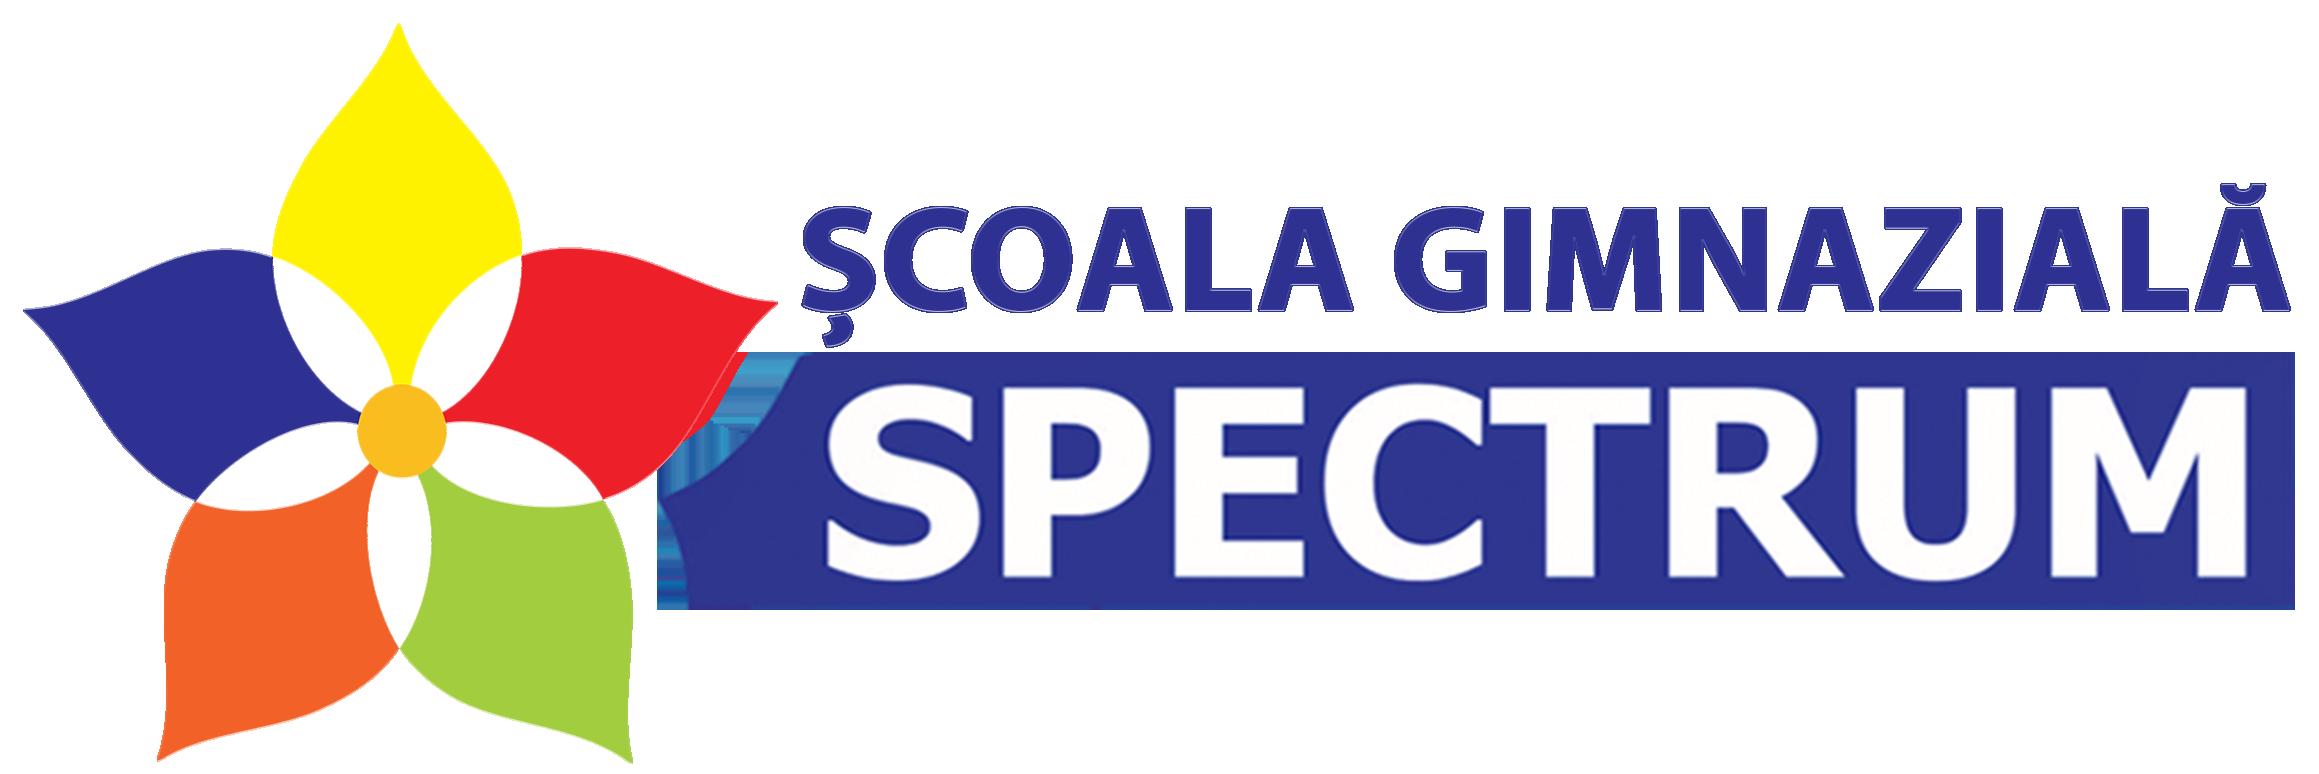 Scoala Gimnaziala Spectrum